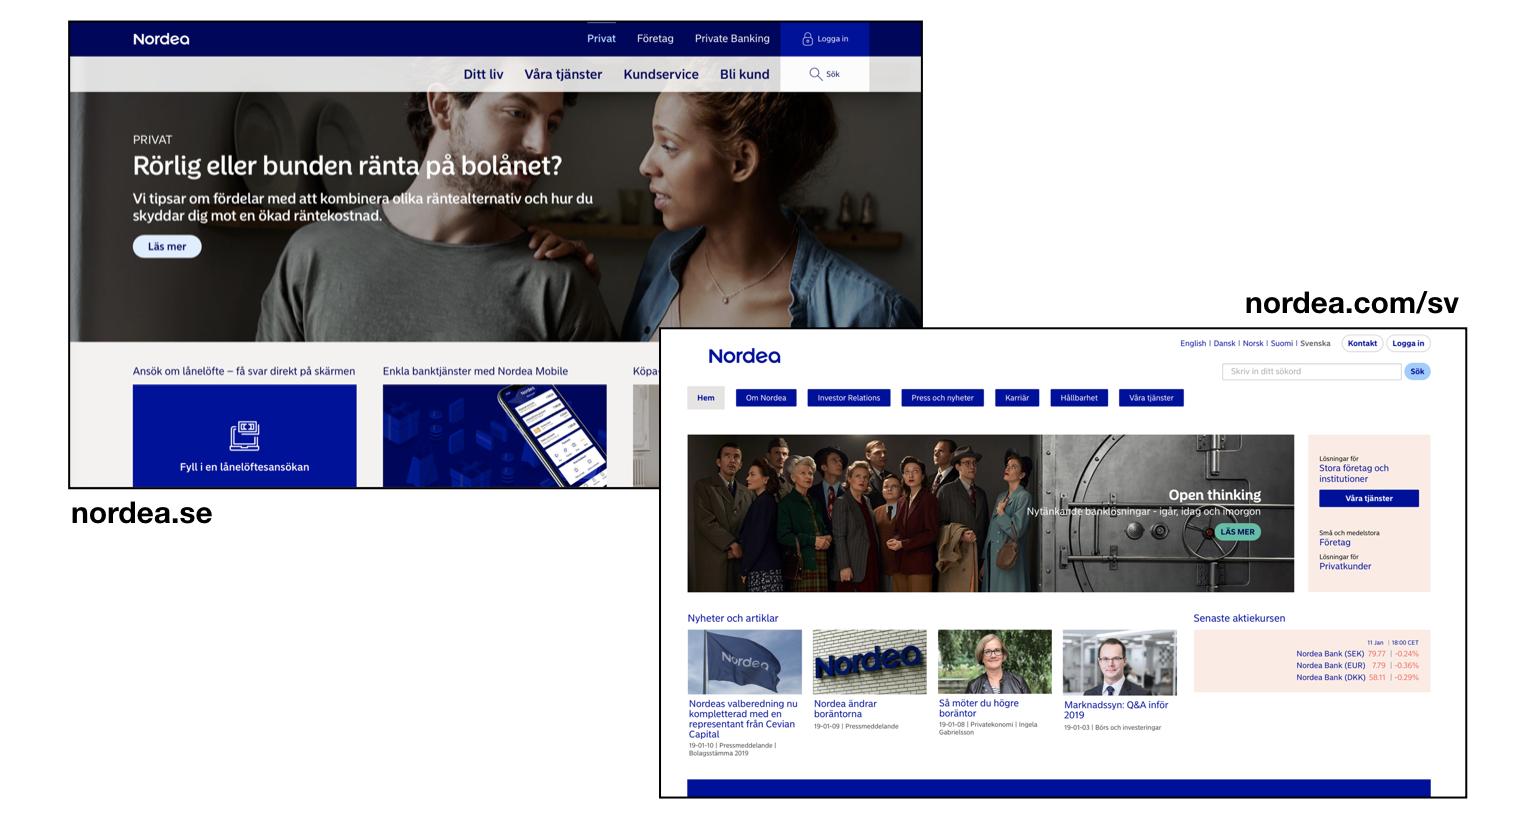 Nordea.se och nordea.com visar brist på inkludering